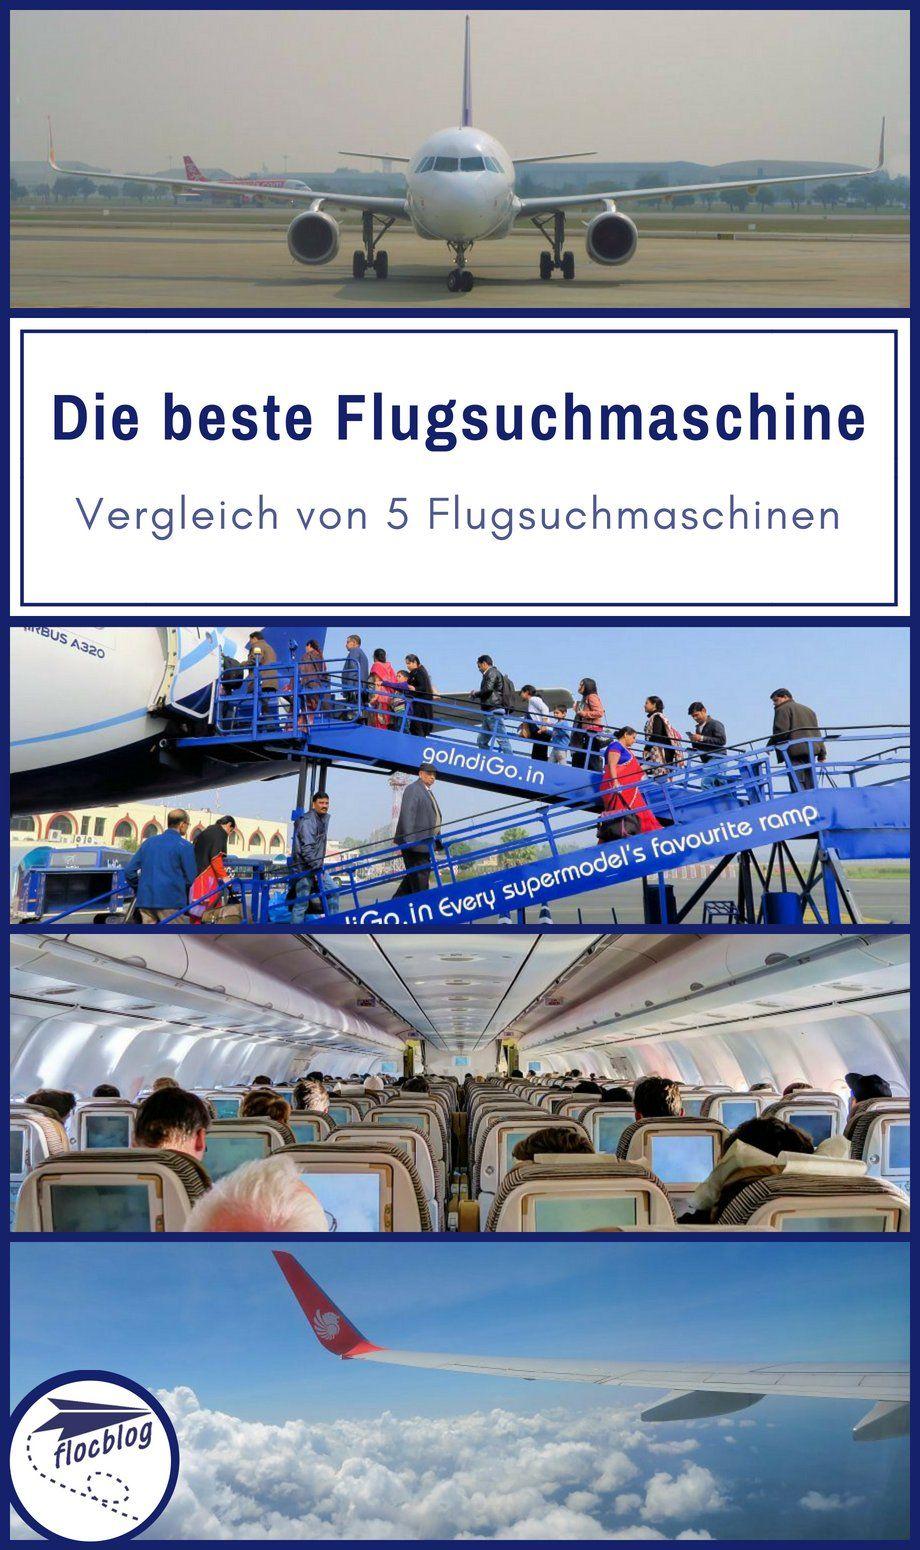 Flugvergleich die 5 besten Flugsuchmaschinen [2020